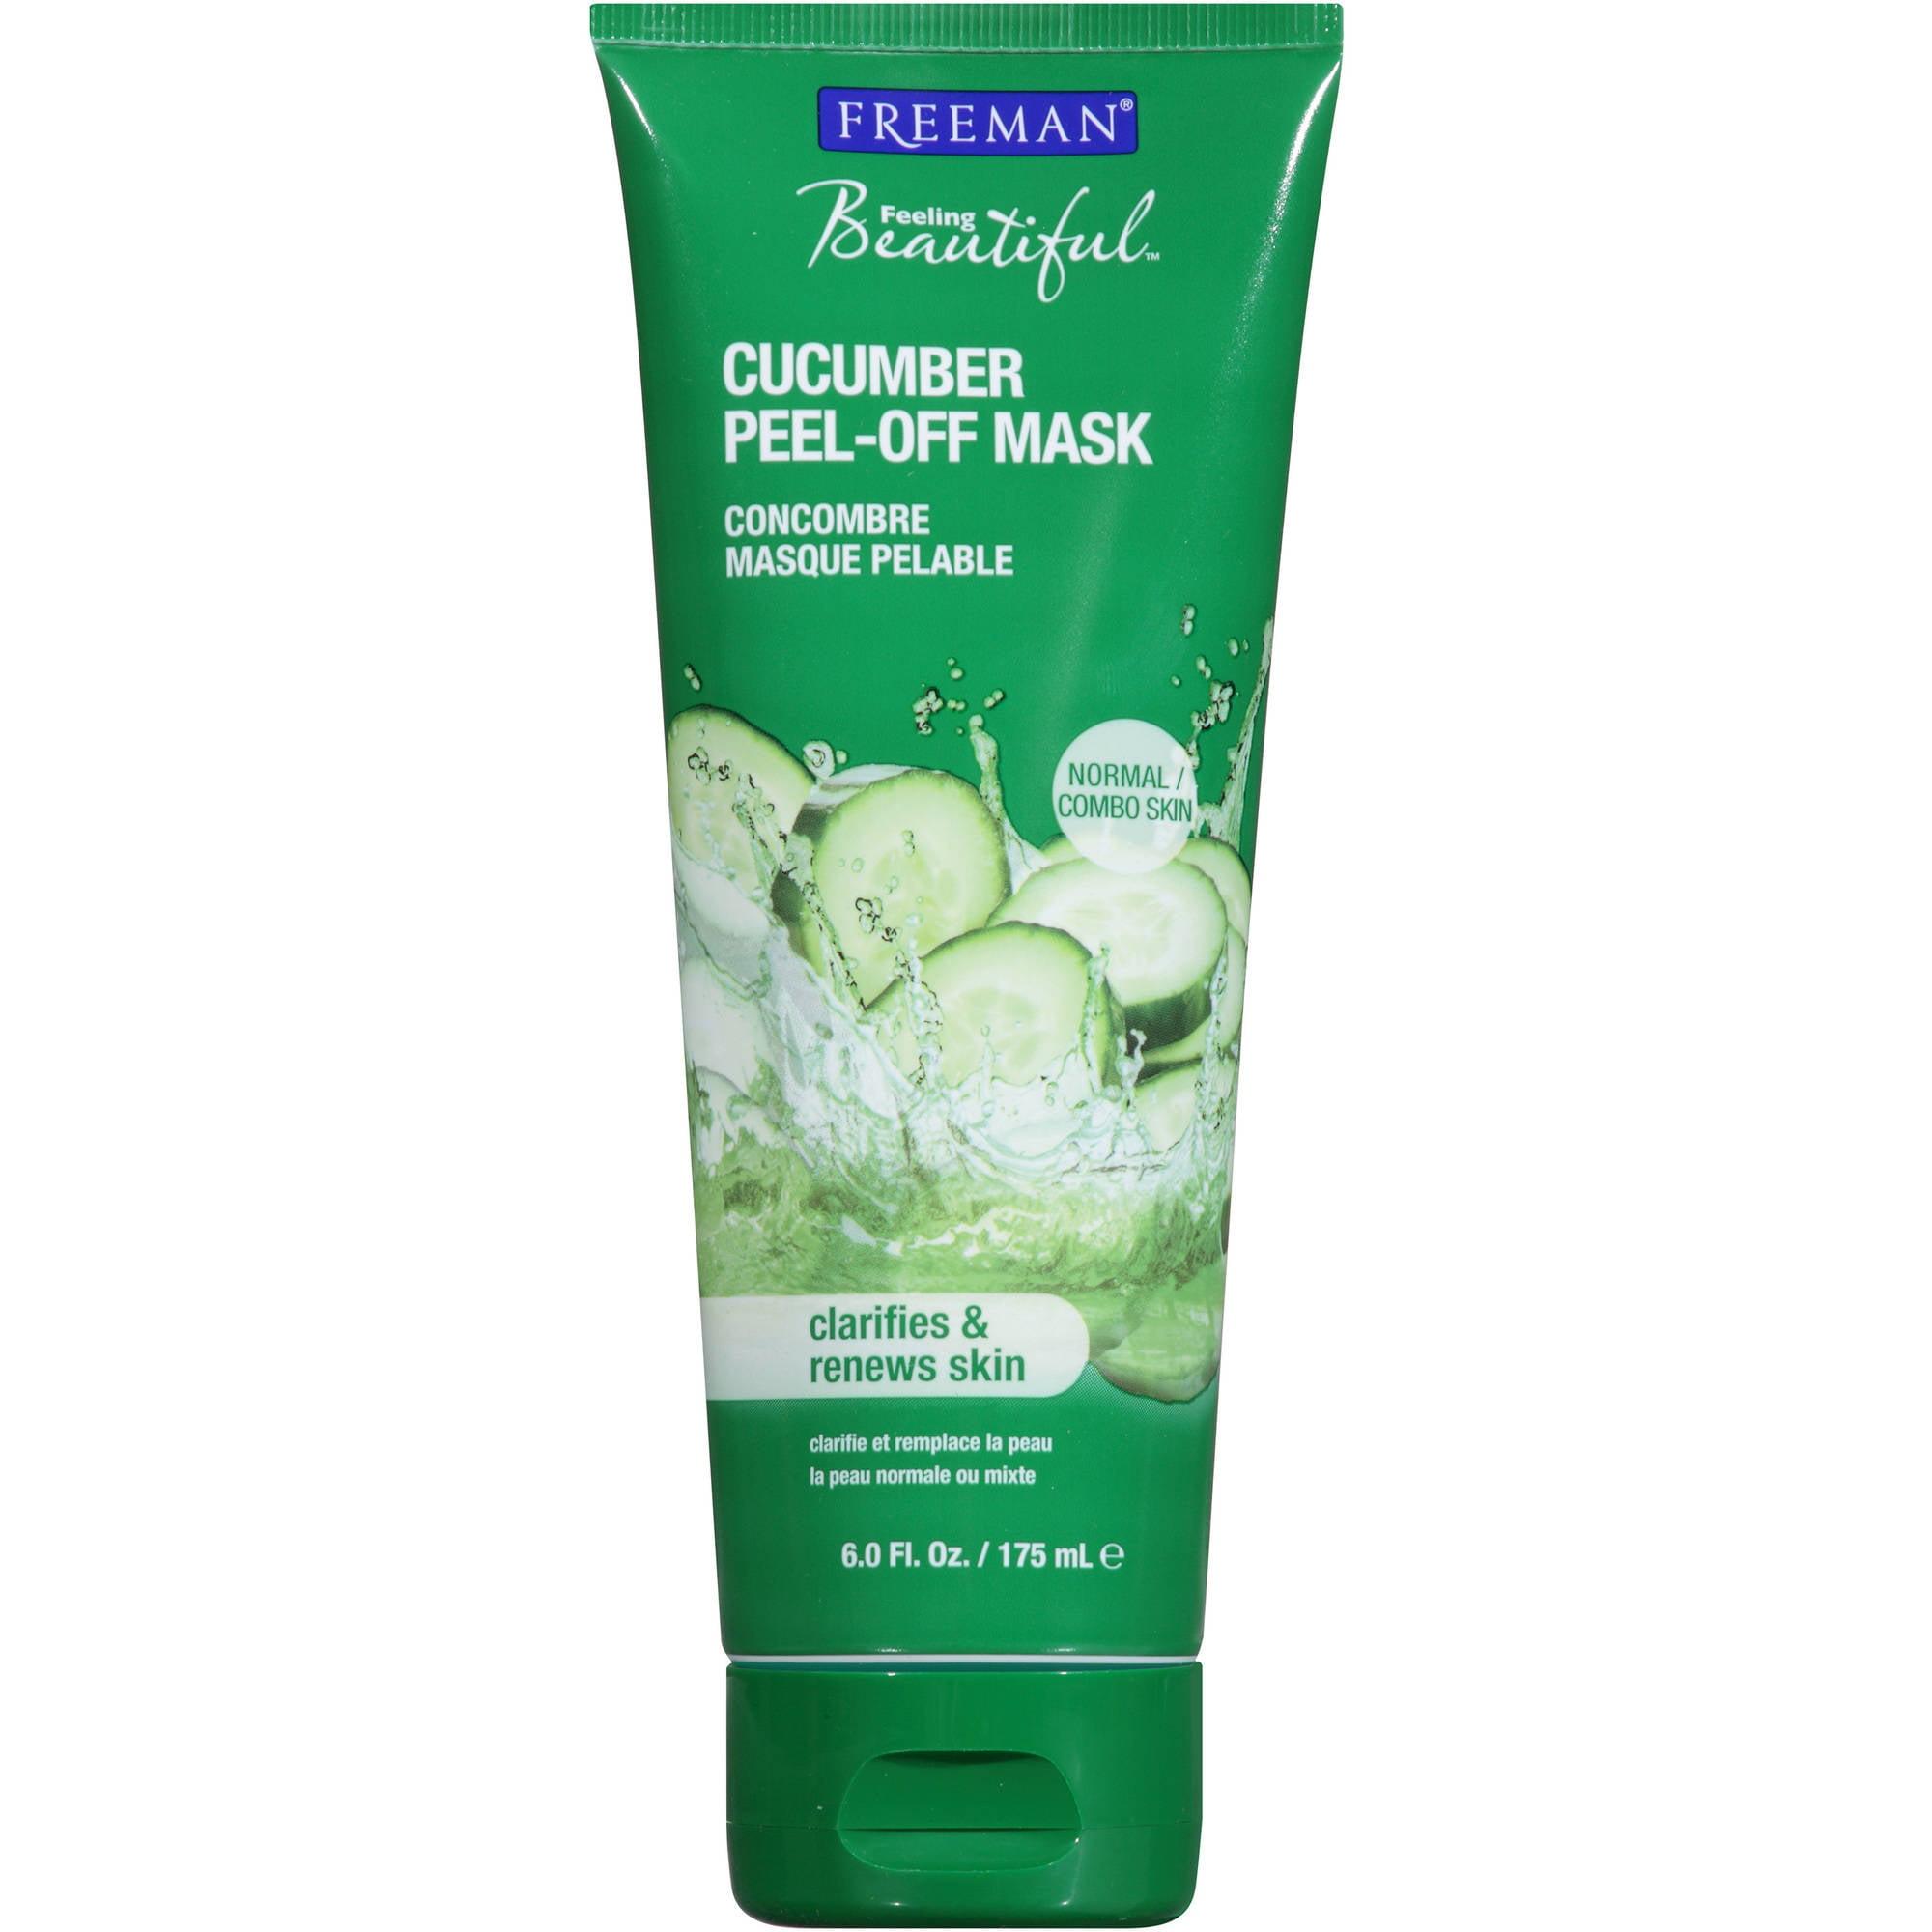 Feeling Beautiful Cucumber Facial Peel-Off Mask, 6 fl oz